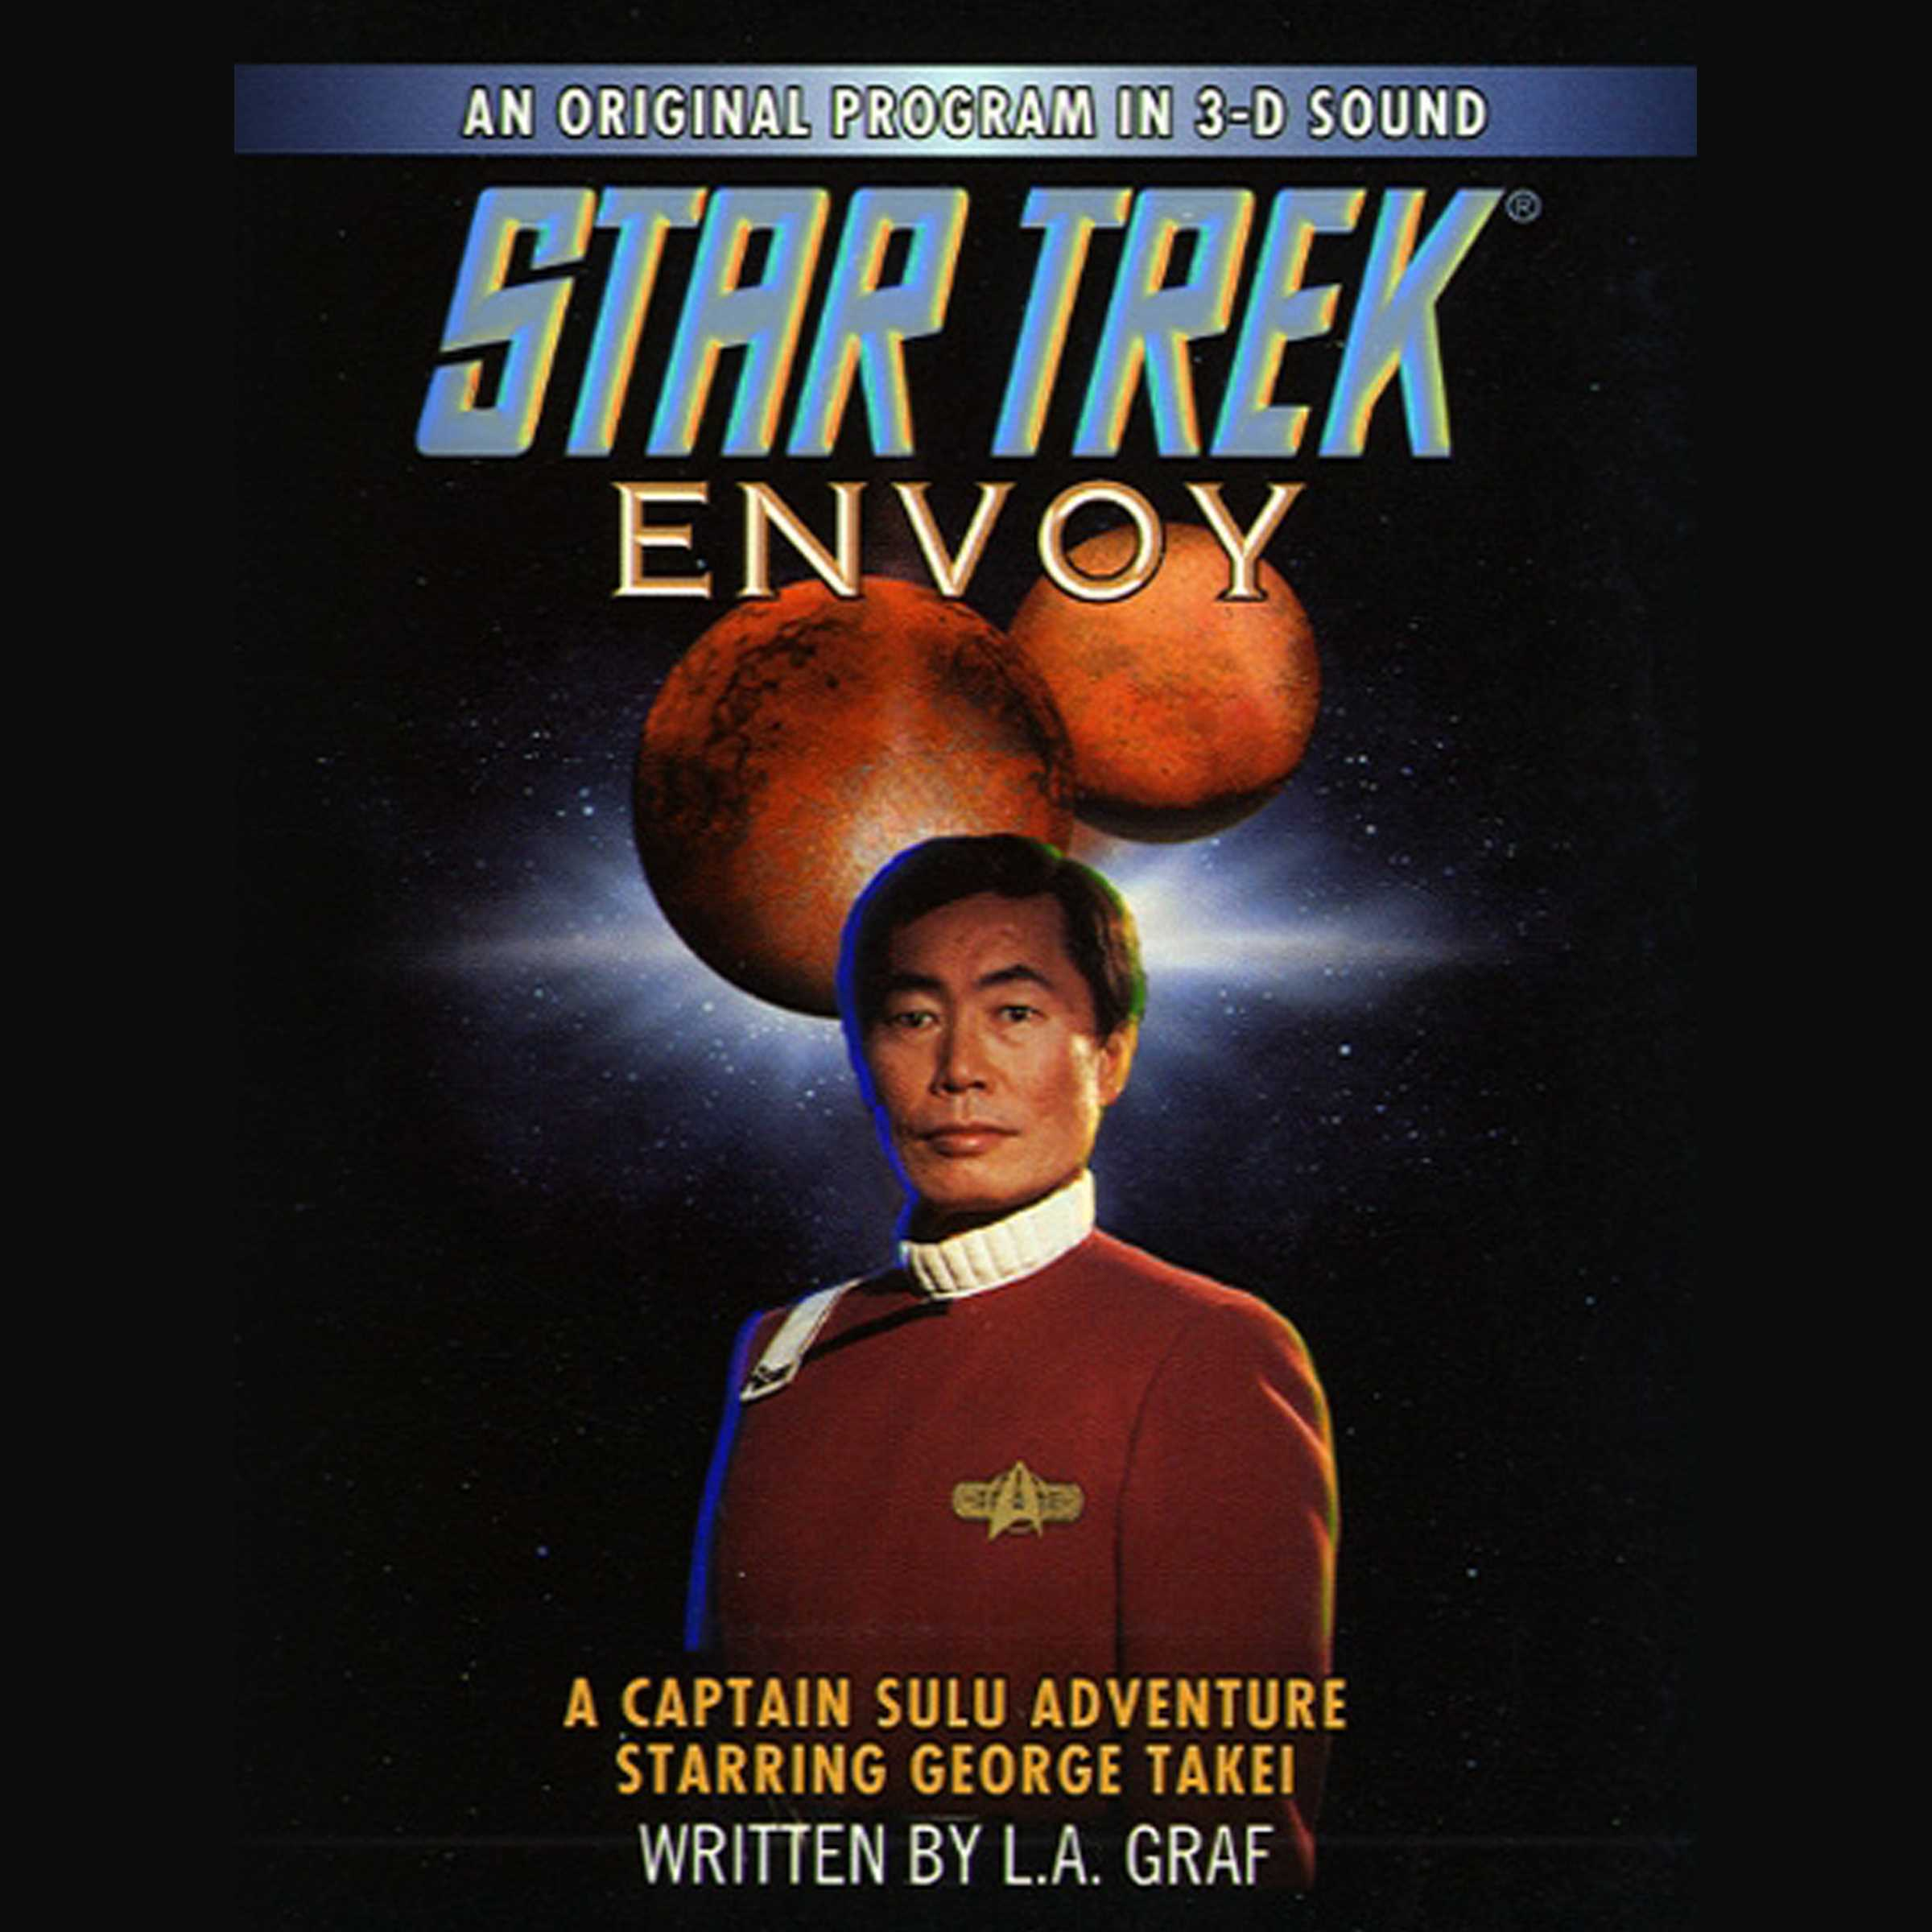 Star trek envoy 9780743542555 hr